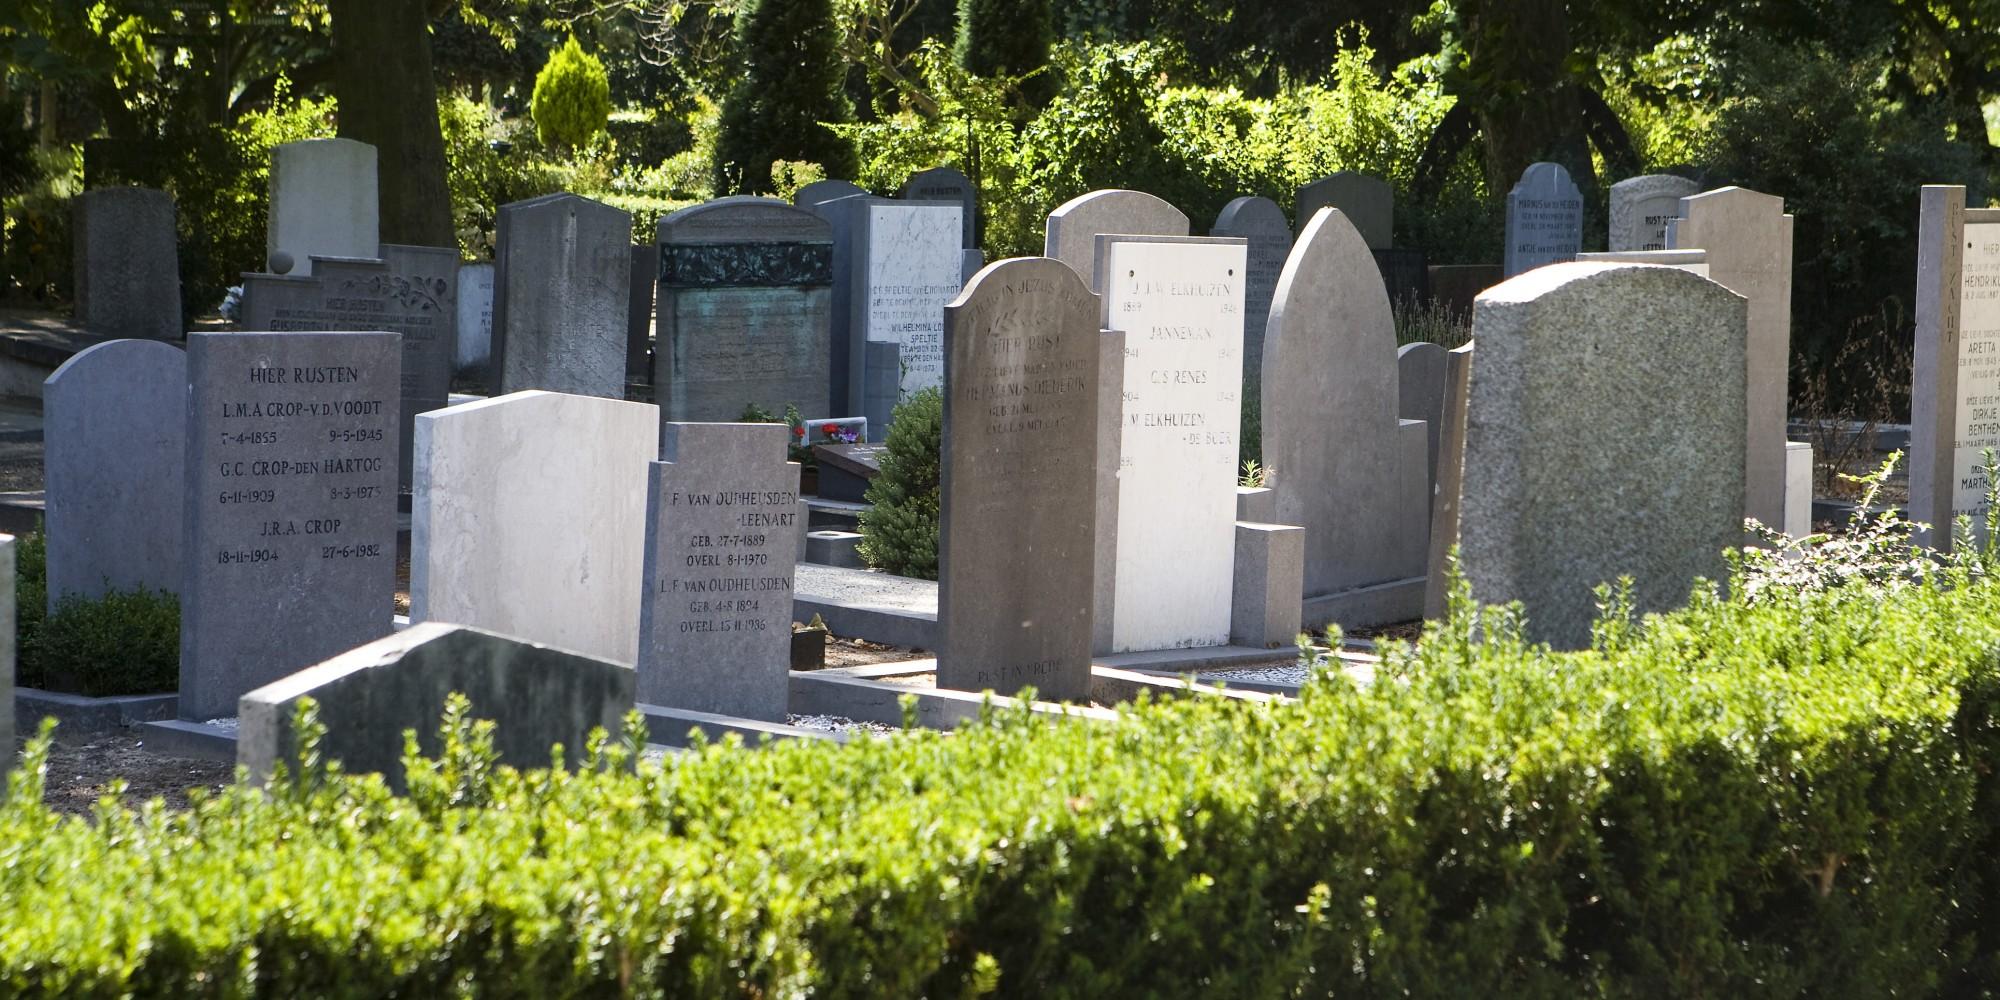 begraafplaats-hoorn-grafsteen-oud-nieuw-steen-noordholland-nederland-uitvaart-zorg-iede-hoorn